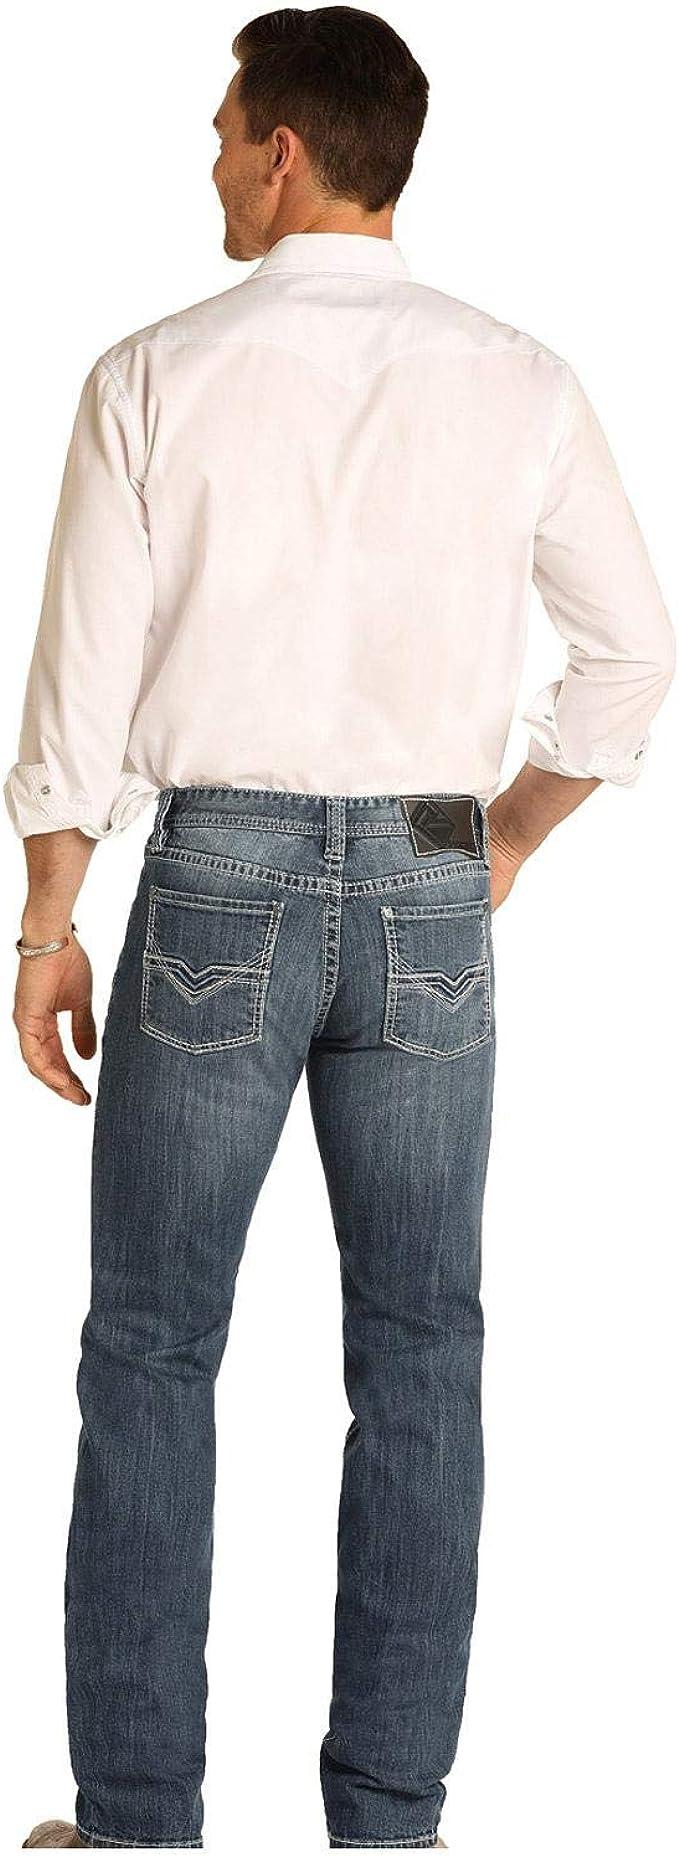 M1R5155 32W x 34L Rock /& Roll Denim Mens Revolver Slim Fit Straight Leg Jean